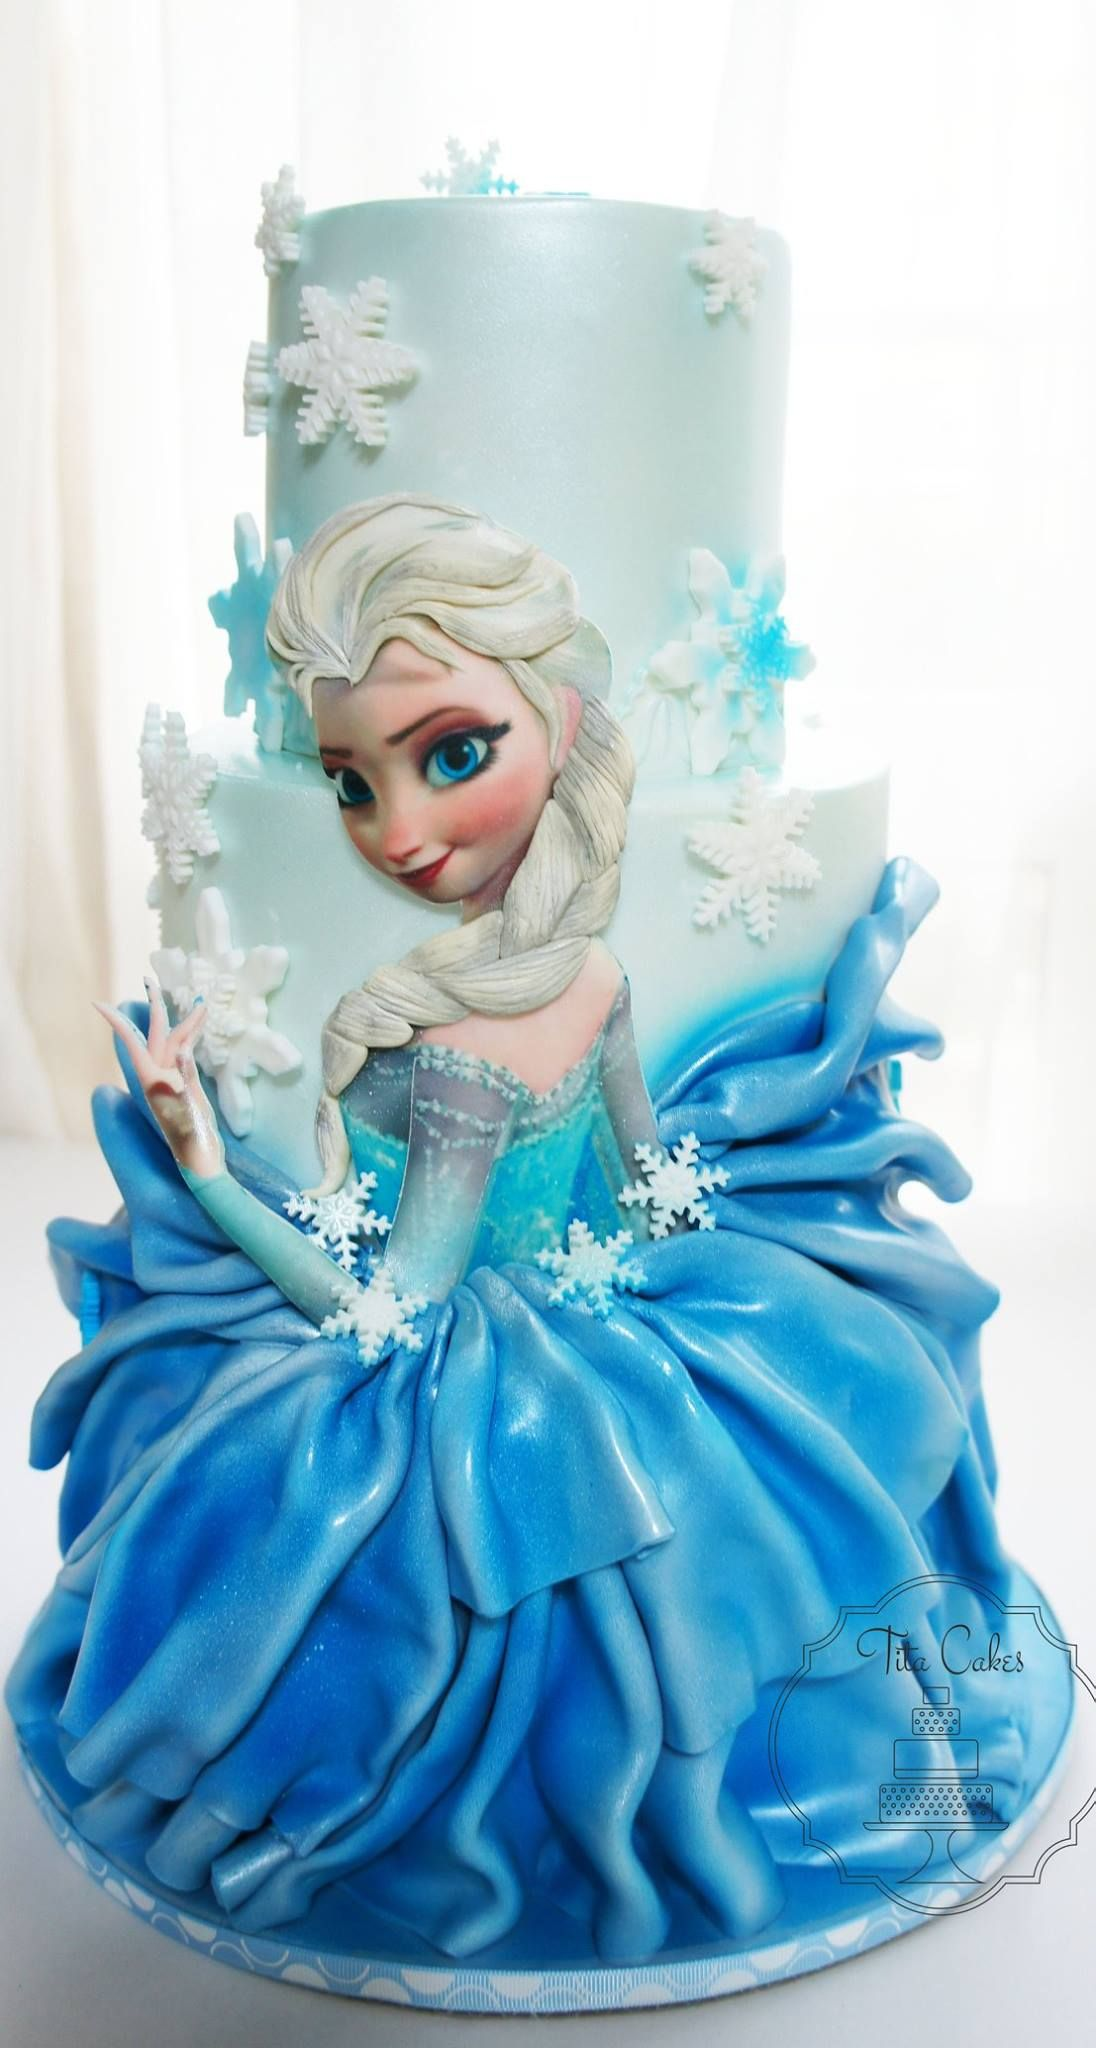 Frozen - Elsa: Tita Cakes, facebook